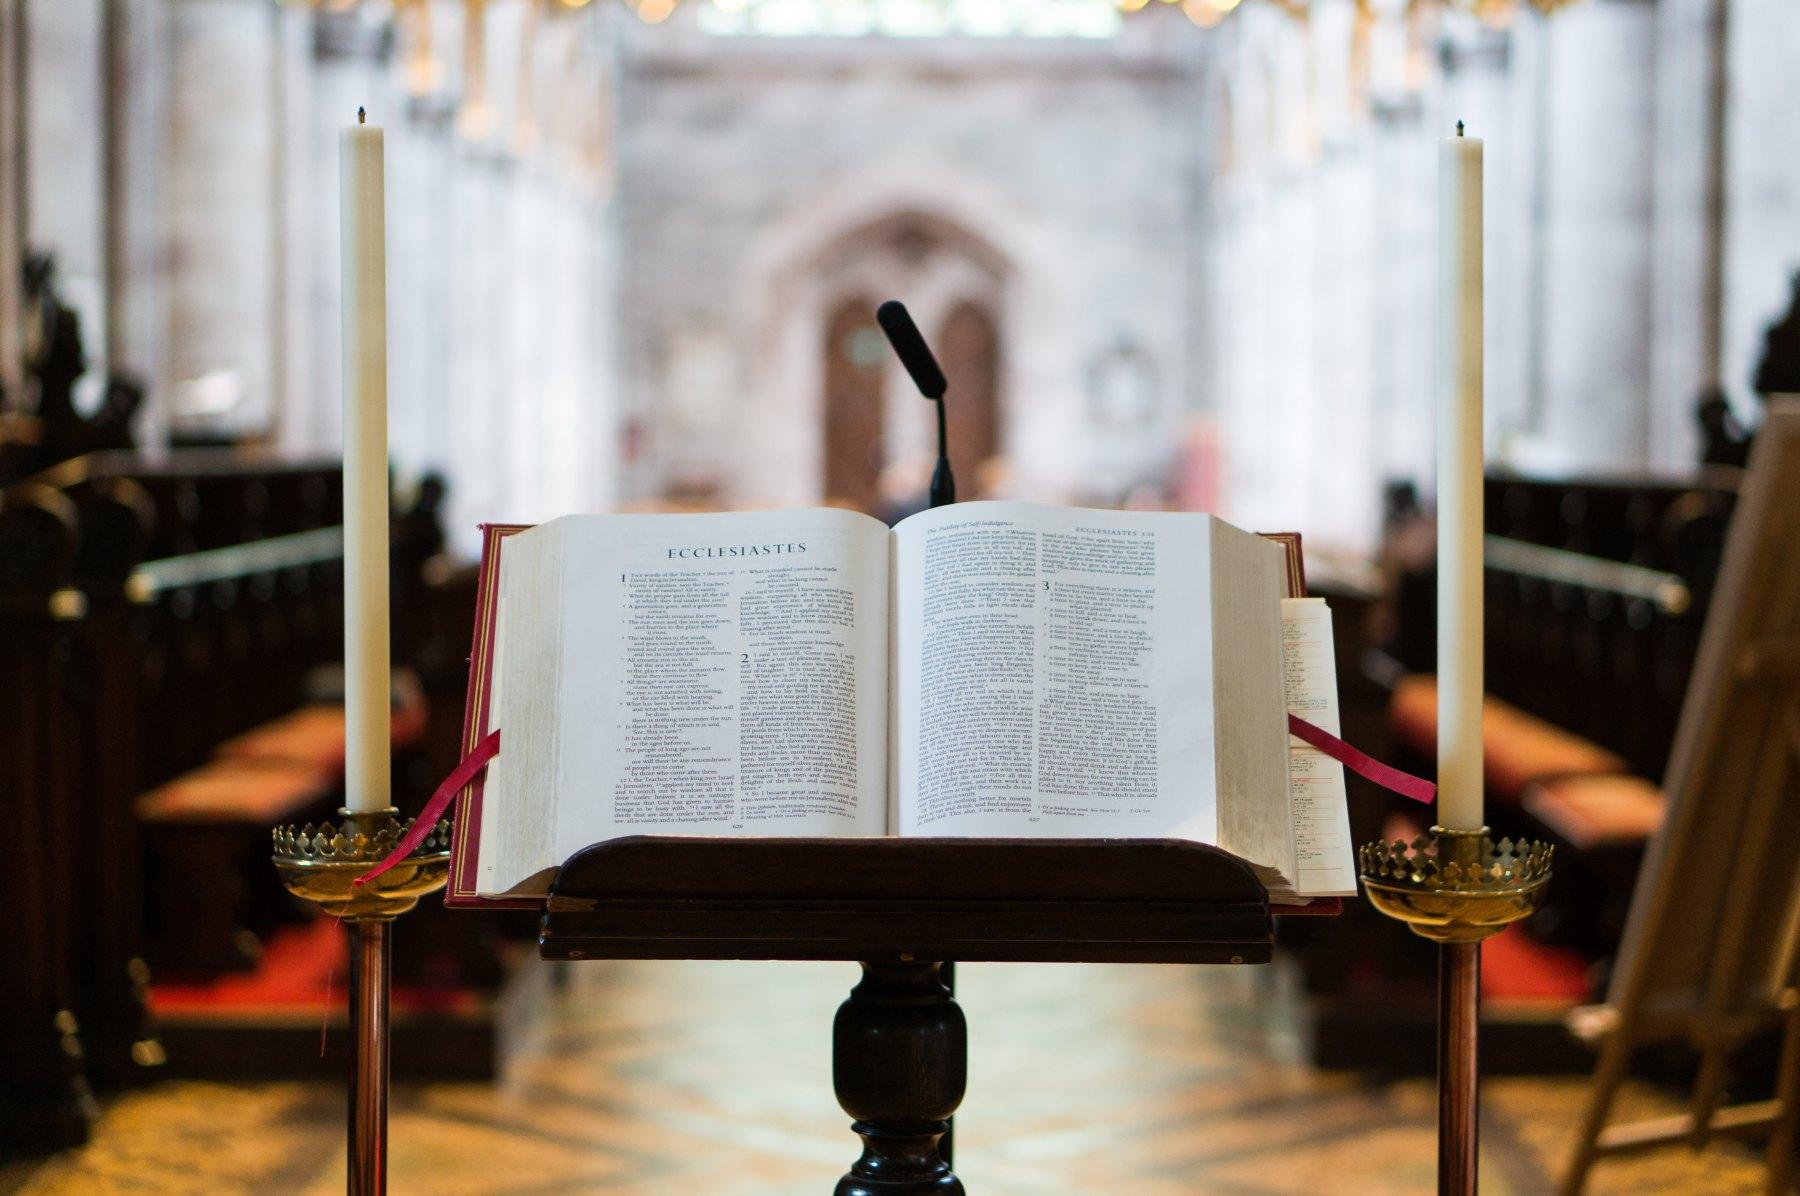 Bible, funeral, Mass, church